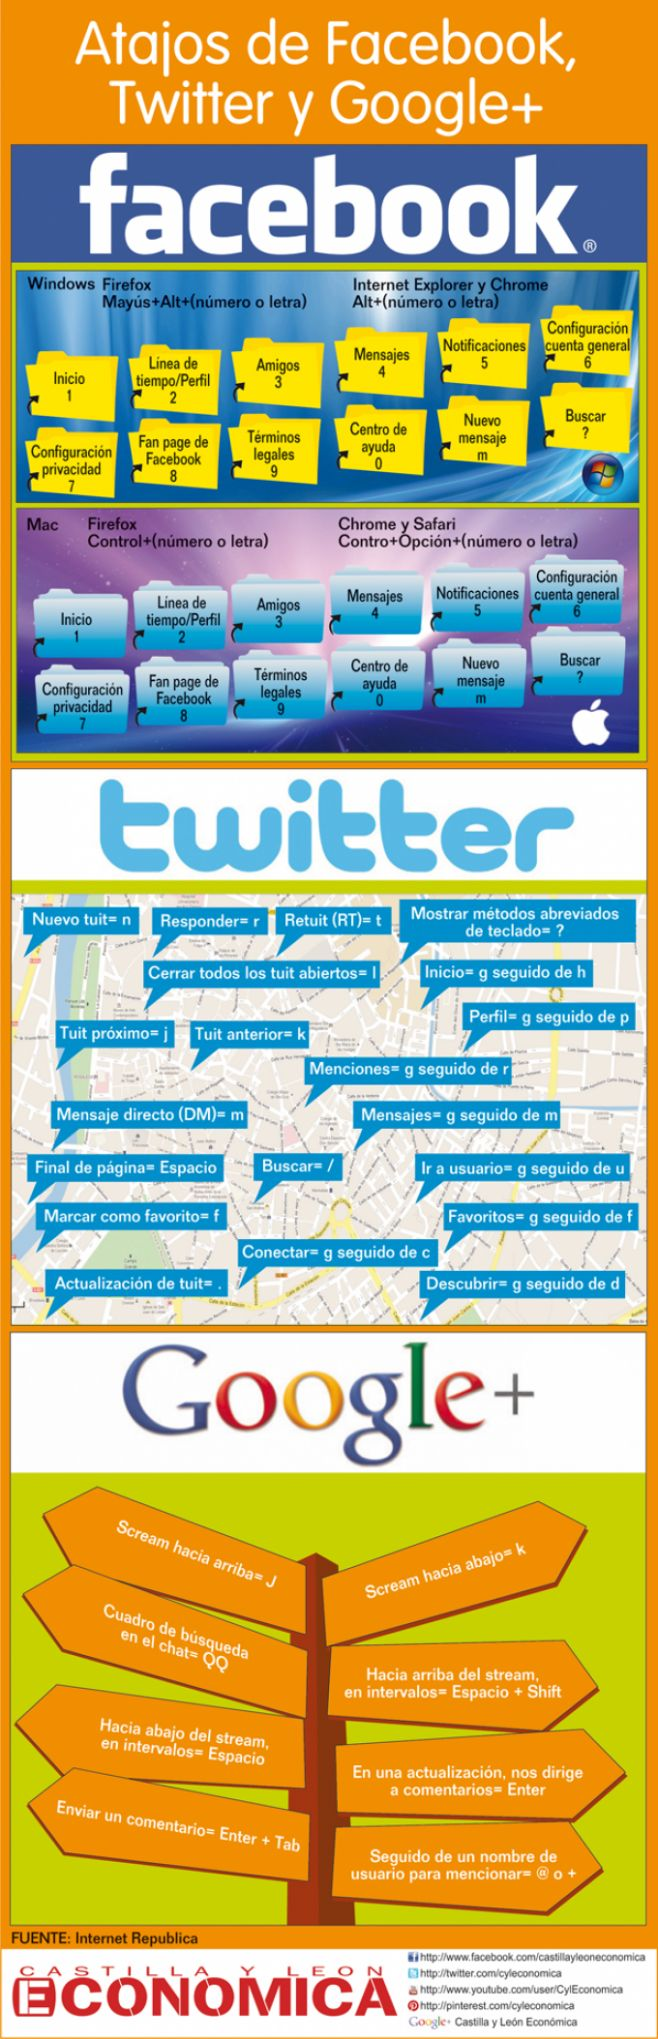 Algunos atajos de teclado para las Redes Sociales